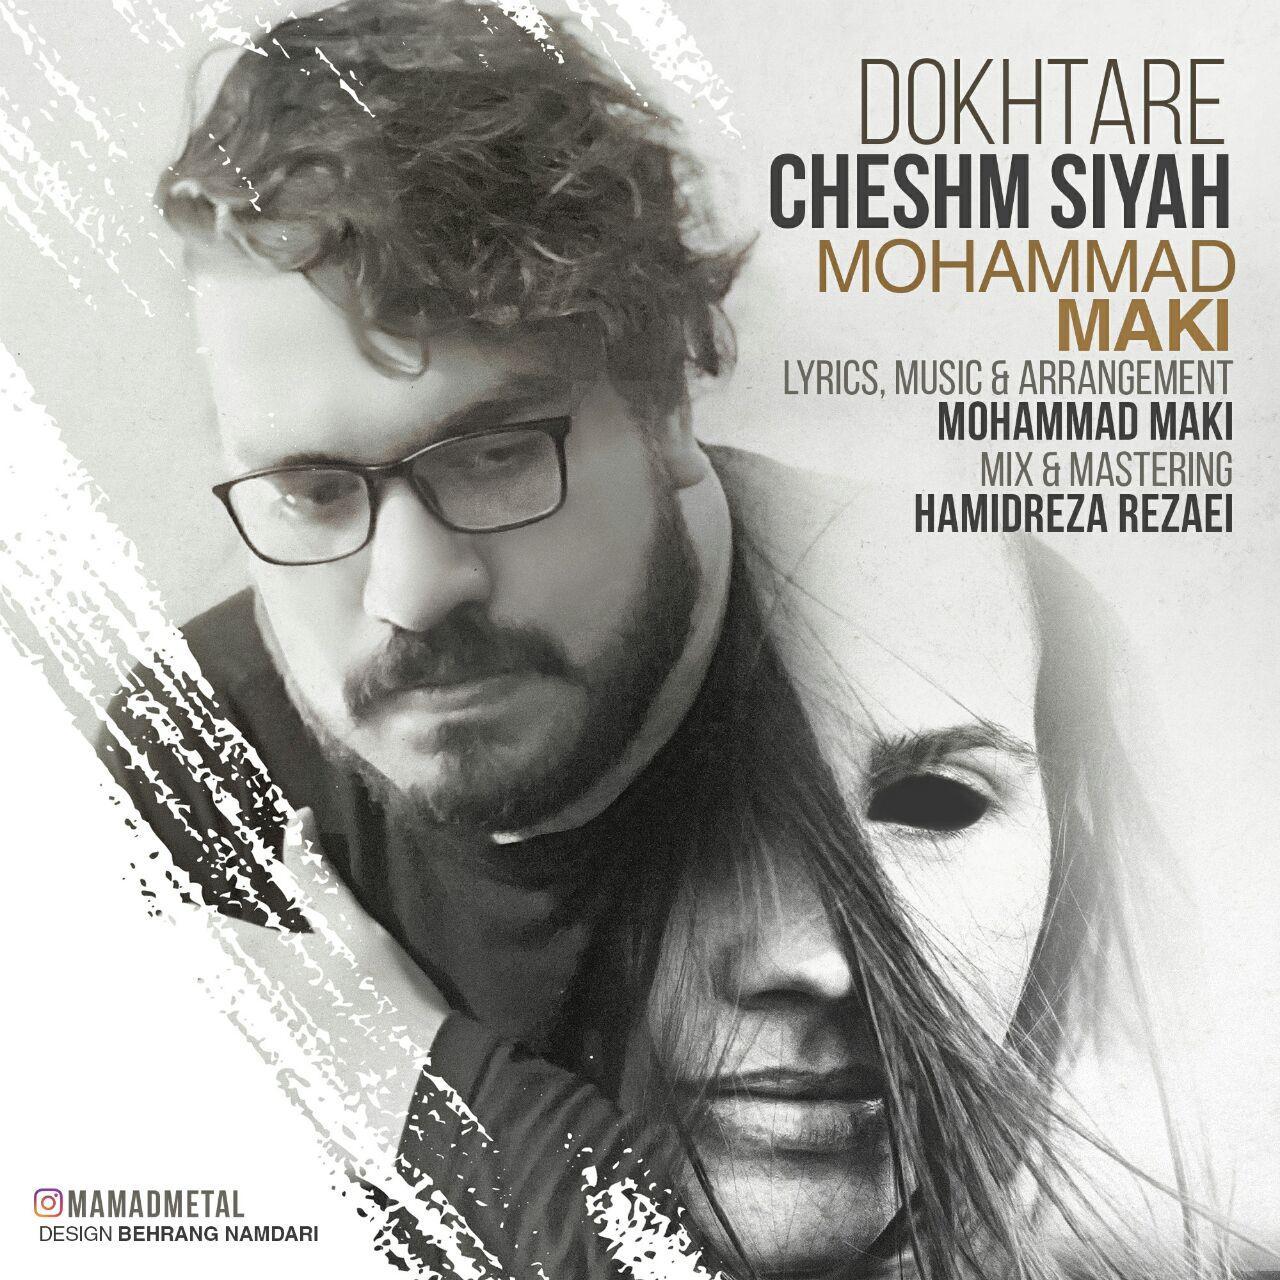 Mohammad Maki – Dokhtare Cheshm Siah